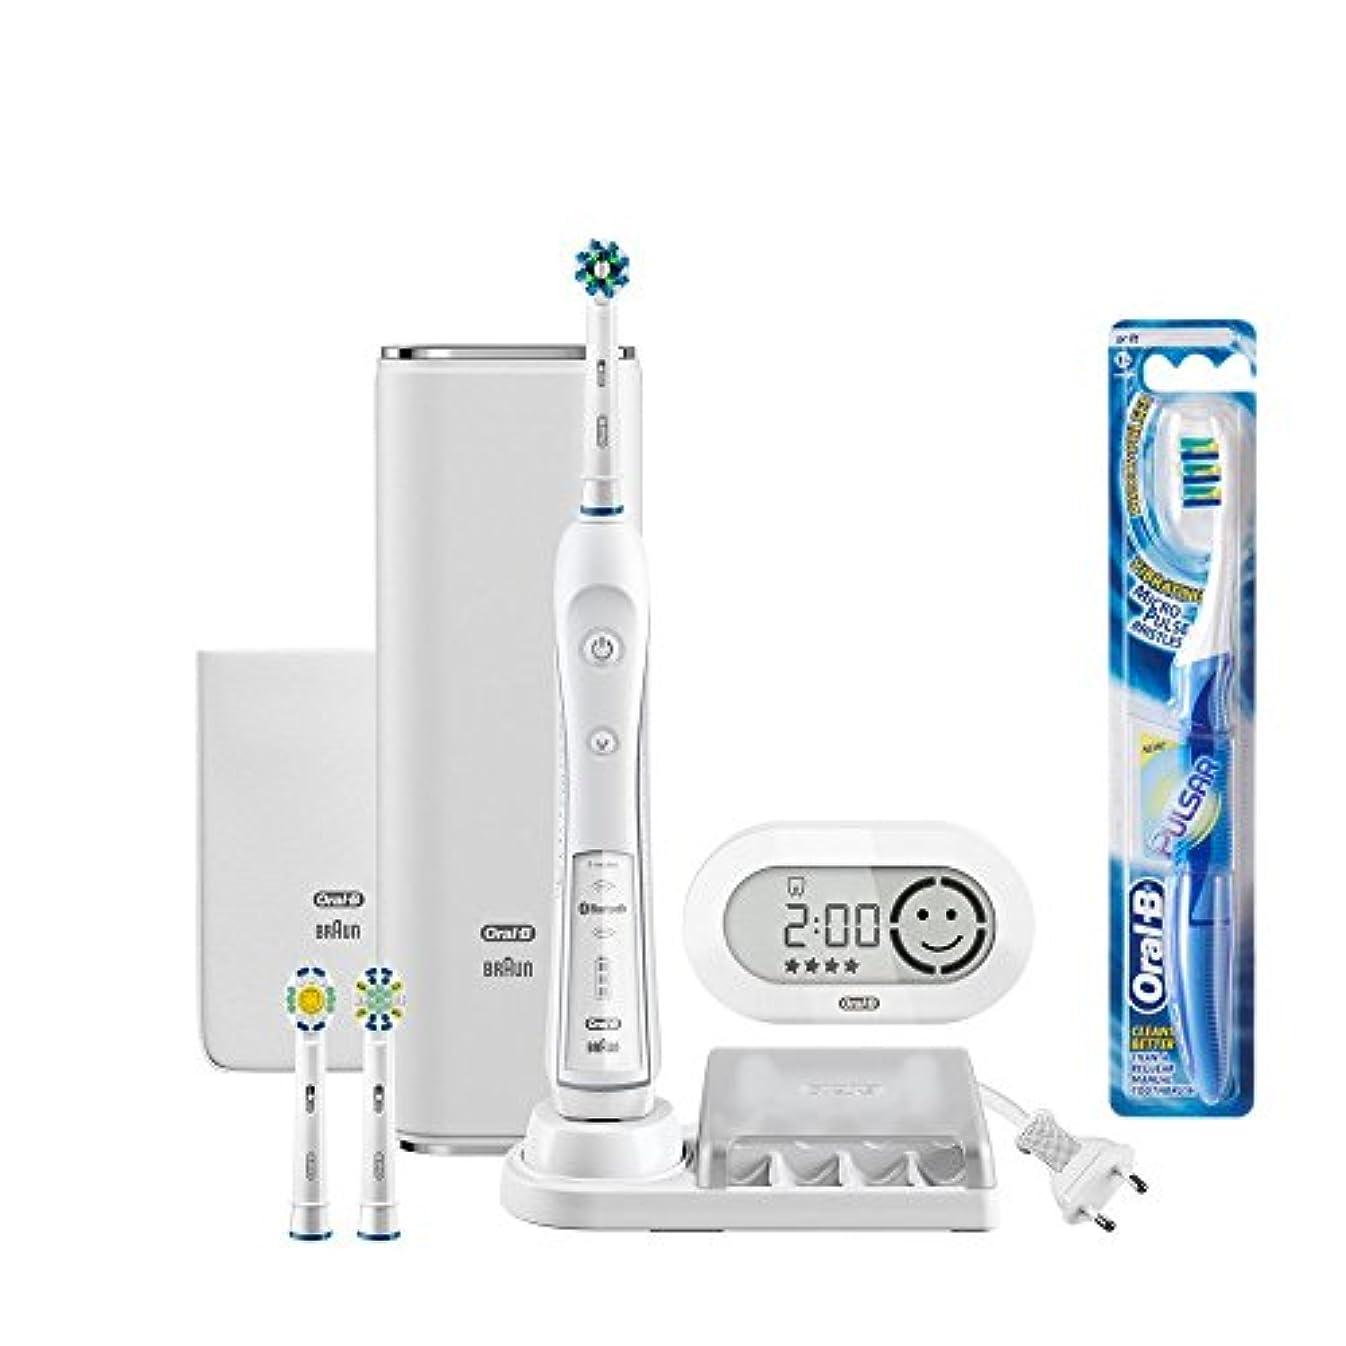 沈黙冷笑する忍耐ブラウン オーラルB 電動歯ブラシ プラチナホワイト 7000 D365356WHP スマホアプリ連動 ホワイト